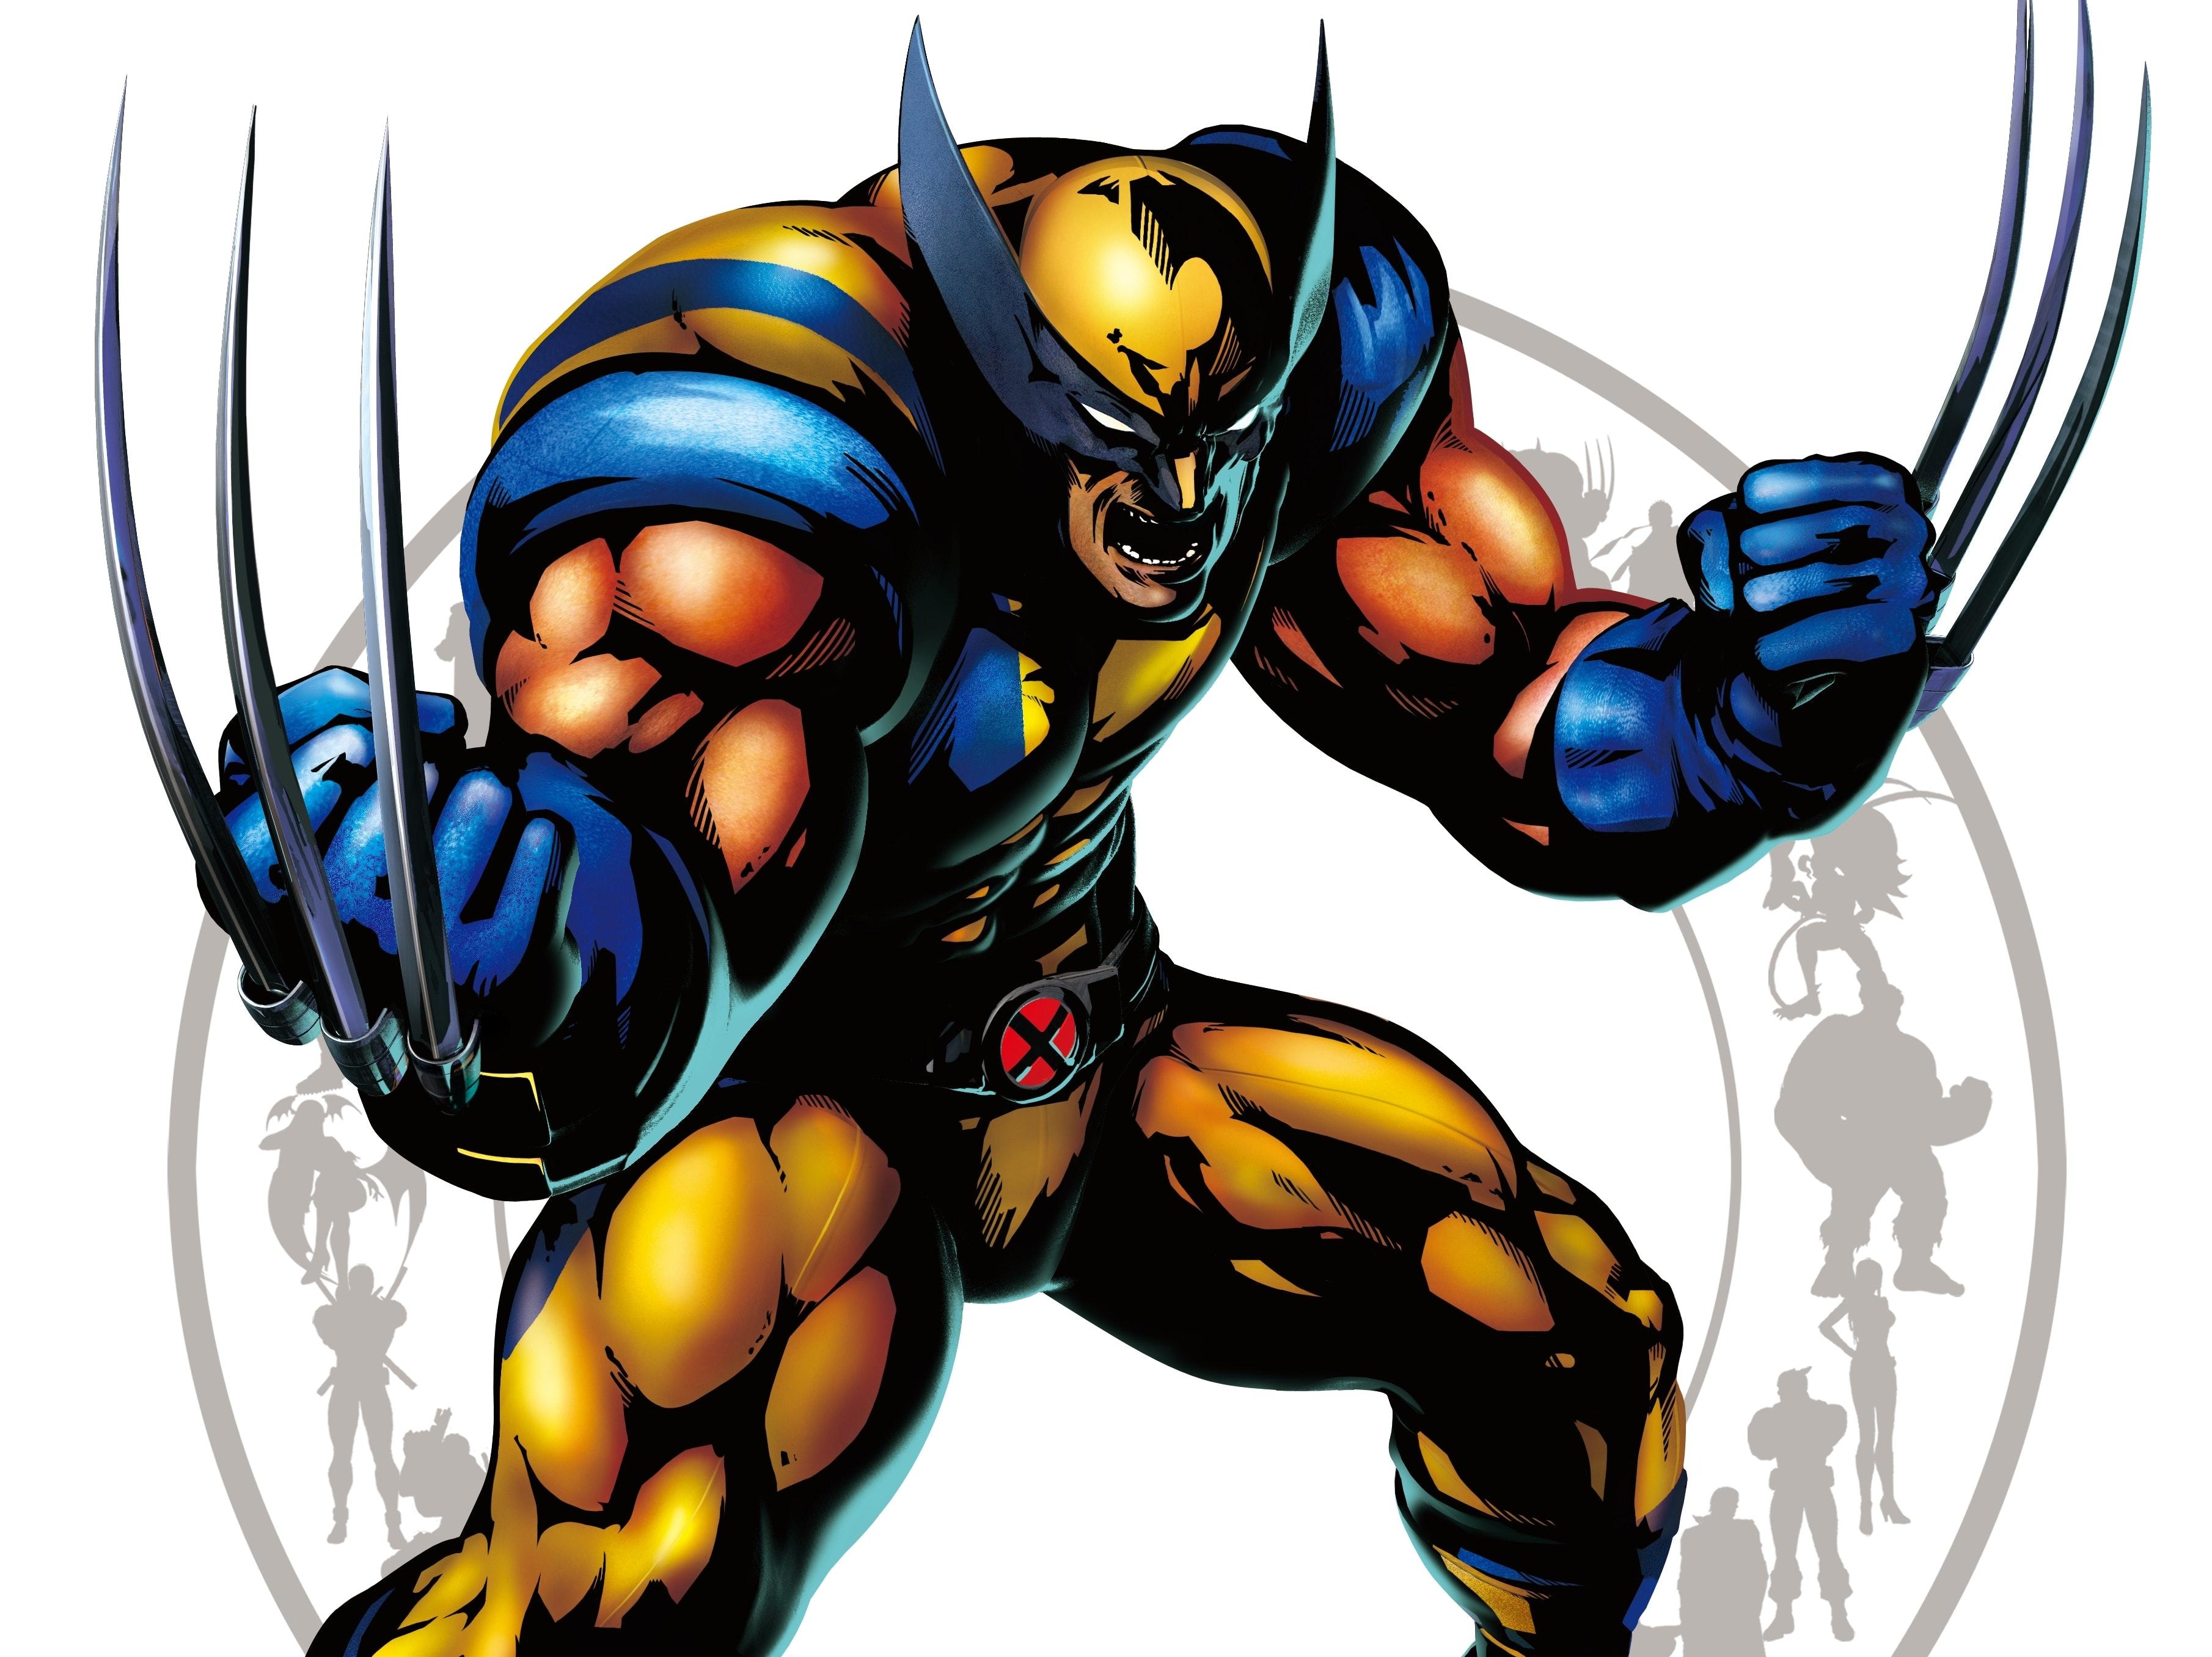 Don't Expect X-Men Mutants in 'Marvel vs. Capcom 4'